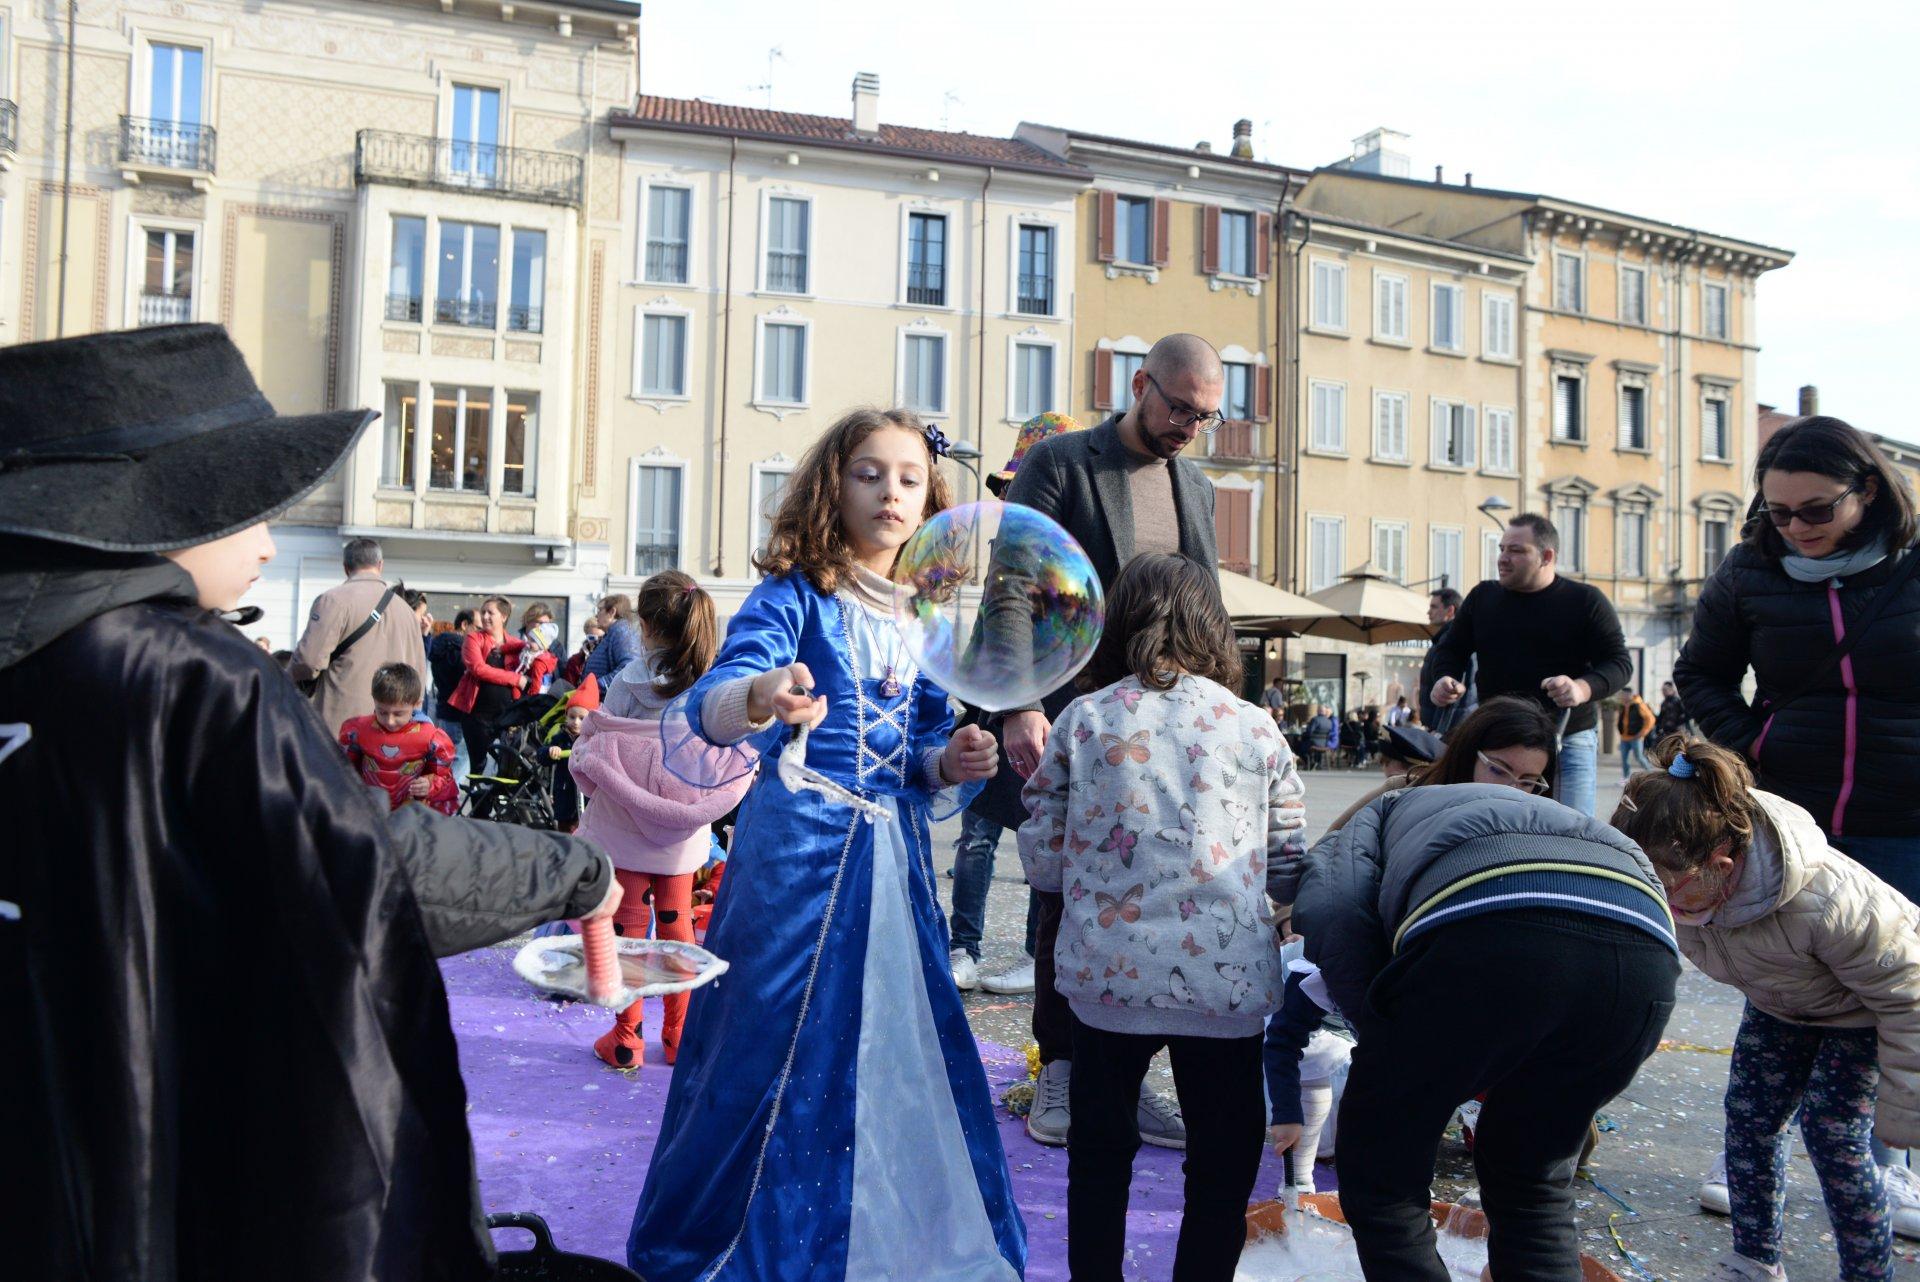 Carnevale bis a Monza, eventi per i bimbi e giochi antichi FOTO